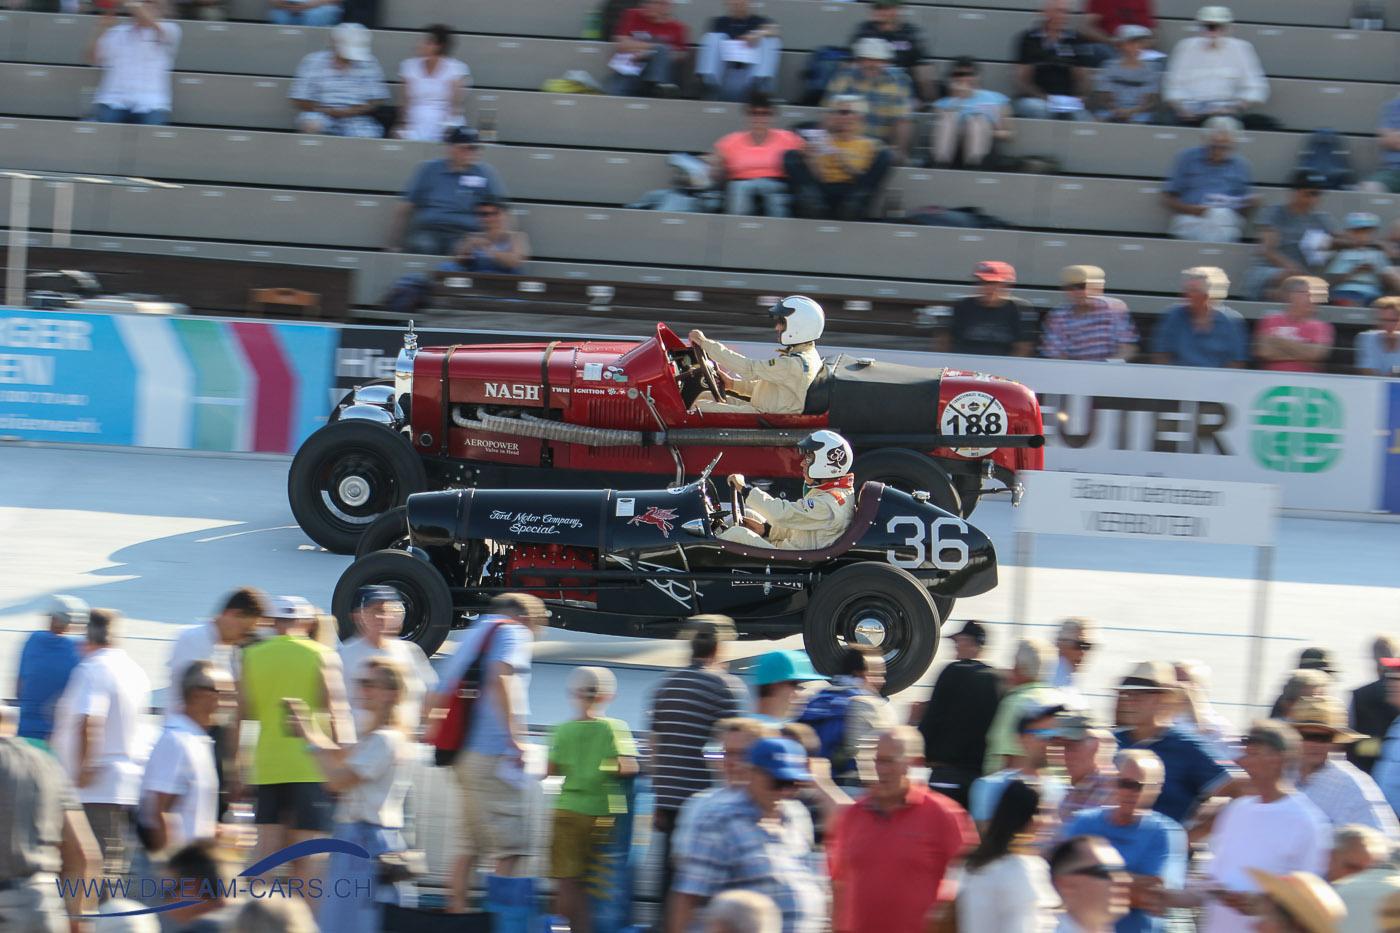 Indianapolis in Oerlikon, 24. Juli 2018. Vorne Beda Hämmerli im schwarzen Ford Indy von 1936, hinten Rolf Kuster mit dem Nash 480 Aeropower aus dem Jahre 1930. Man beachte den Grössenunterschied.